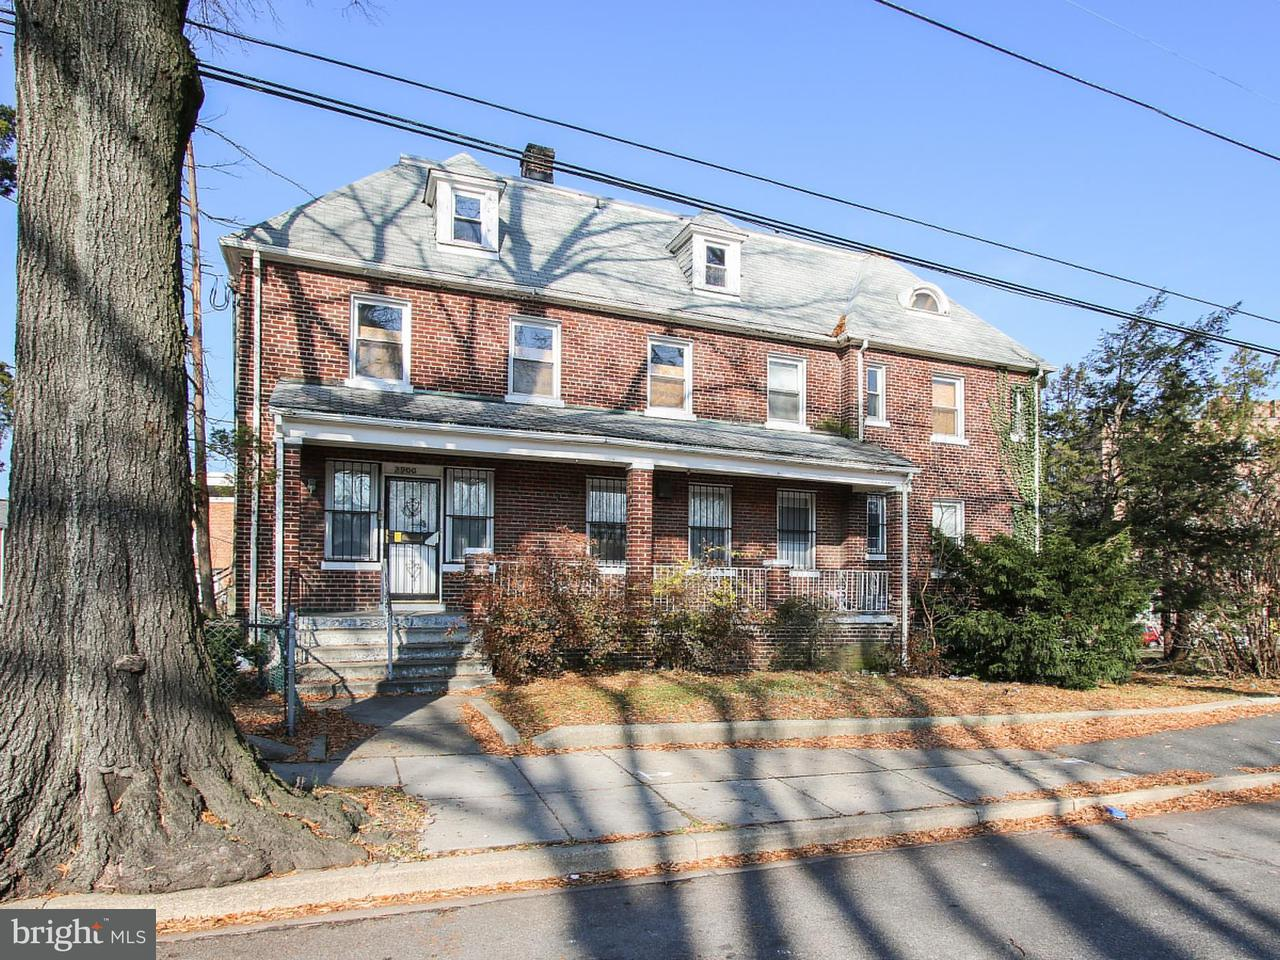 一戸建て のために 売買 アット 2900 Rhode Island Ave Ne 2900 Rhode Island Ave Ne Washington, コロンビア特別区 20018 アメリカ合衆国